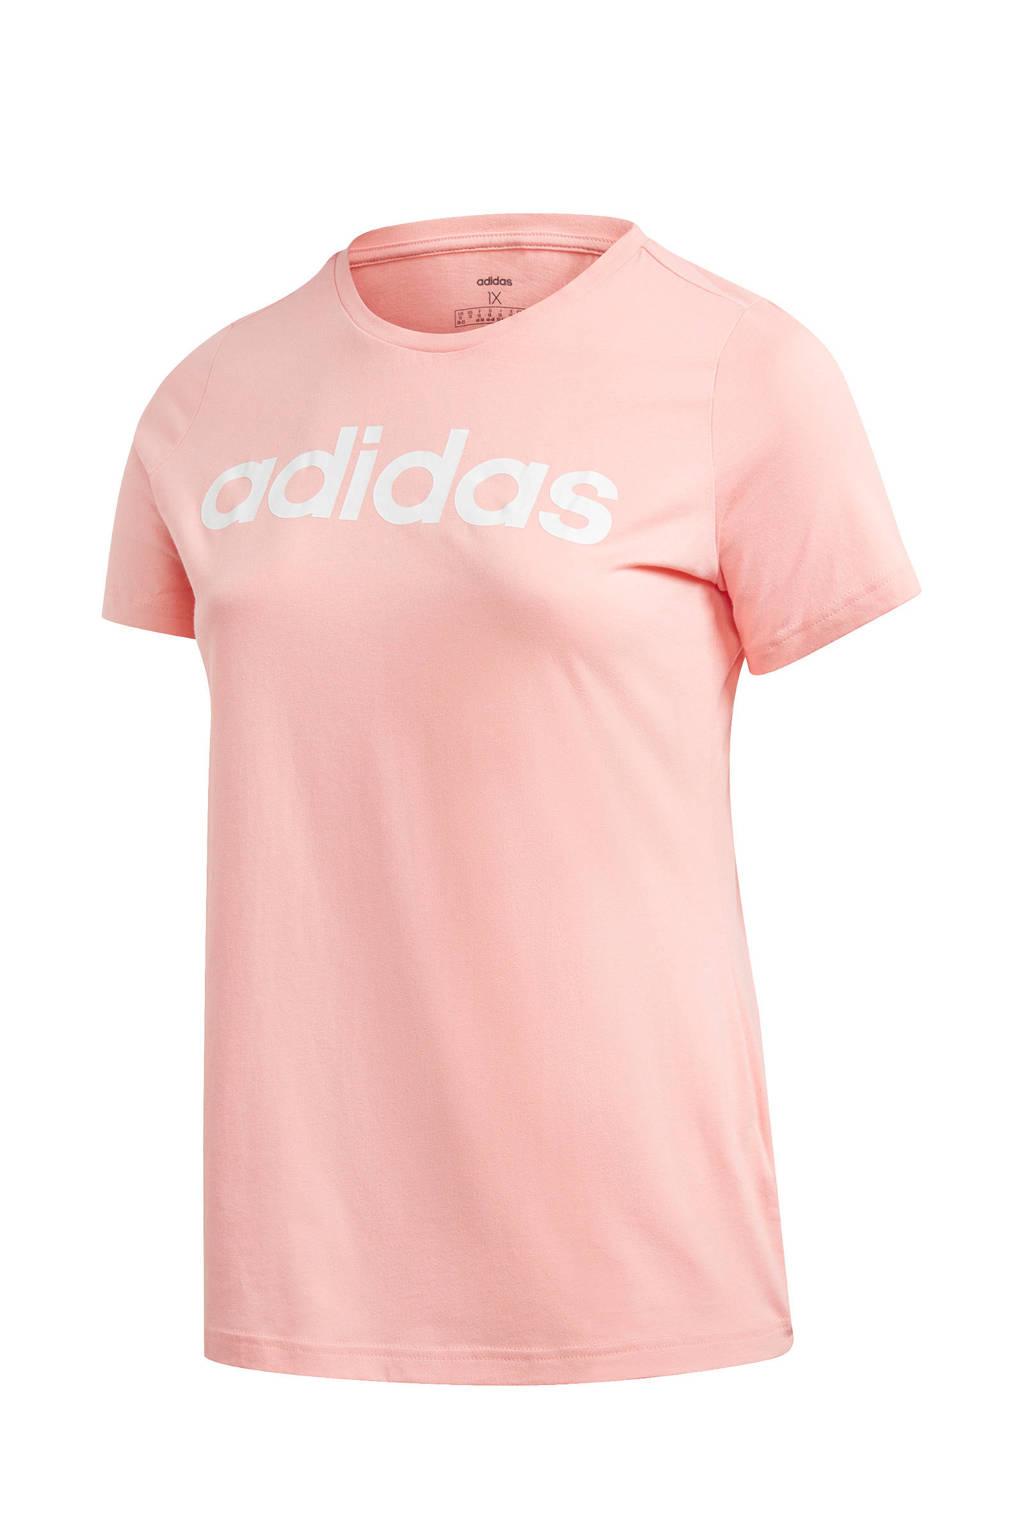 adidas performance Plus Size sport T-shirt lichtroze/wit, Lichtroze/wit